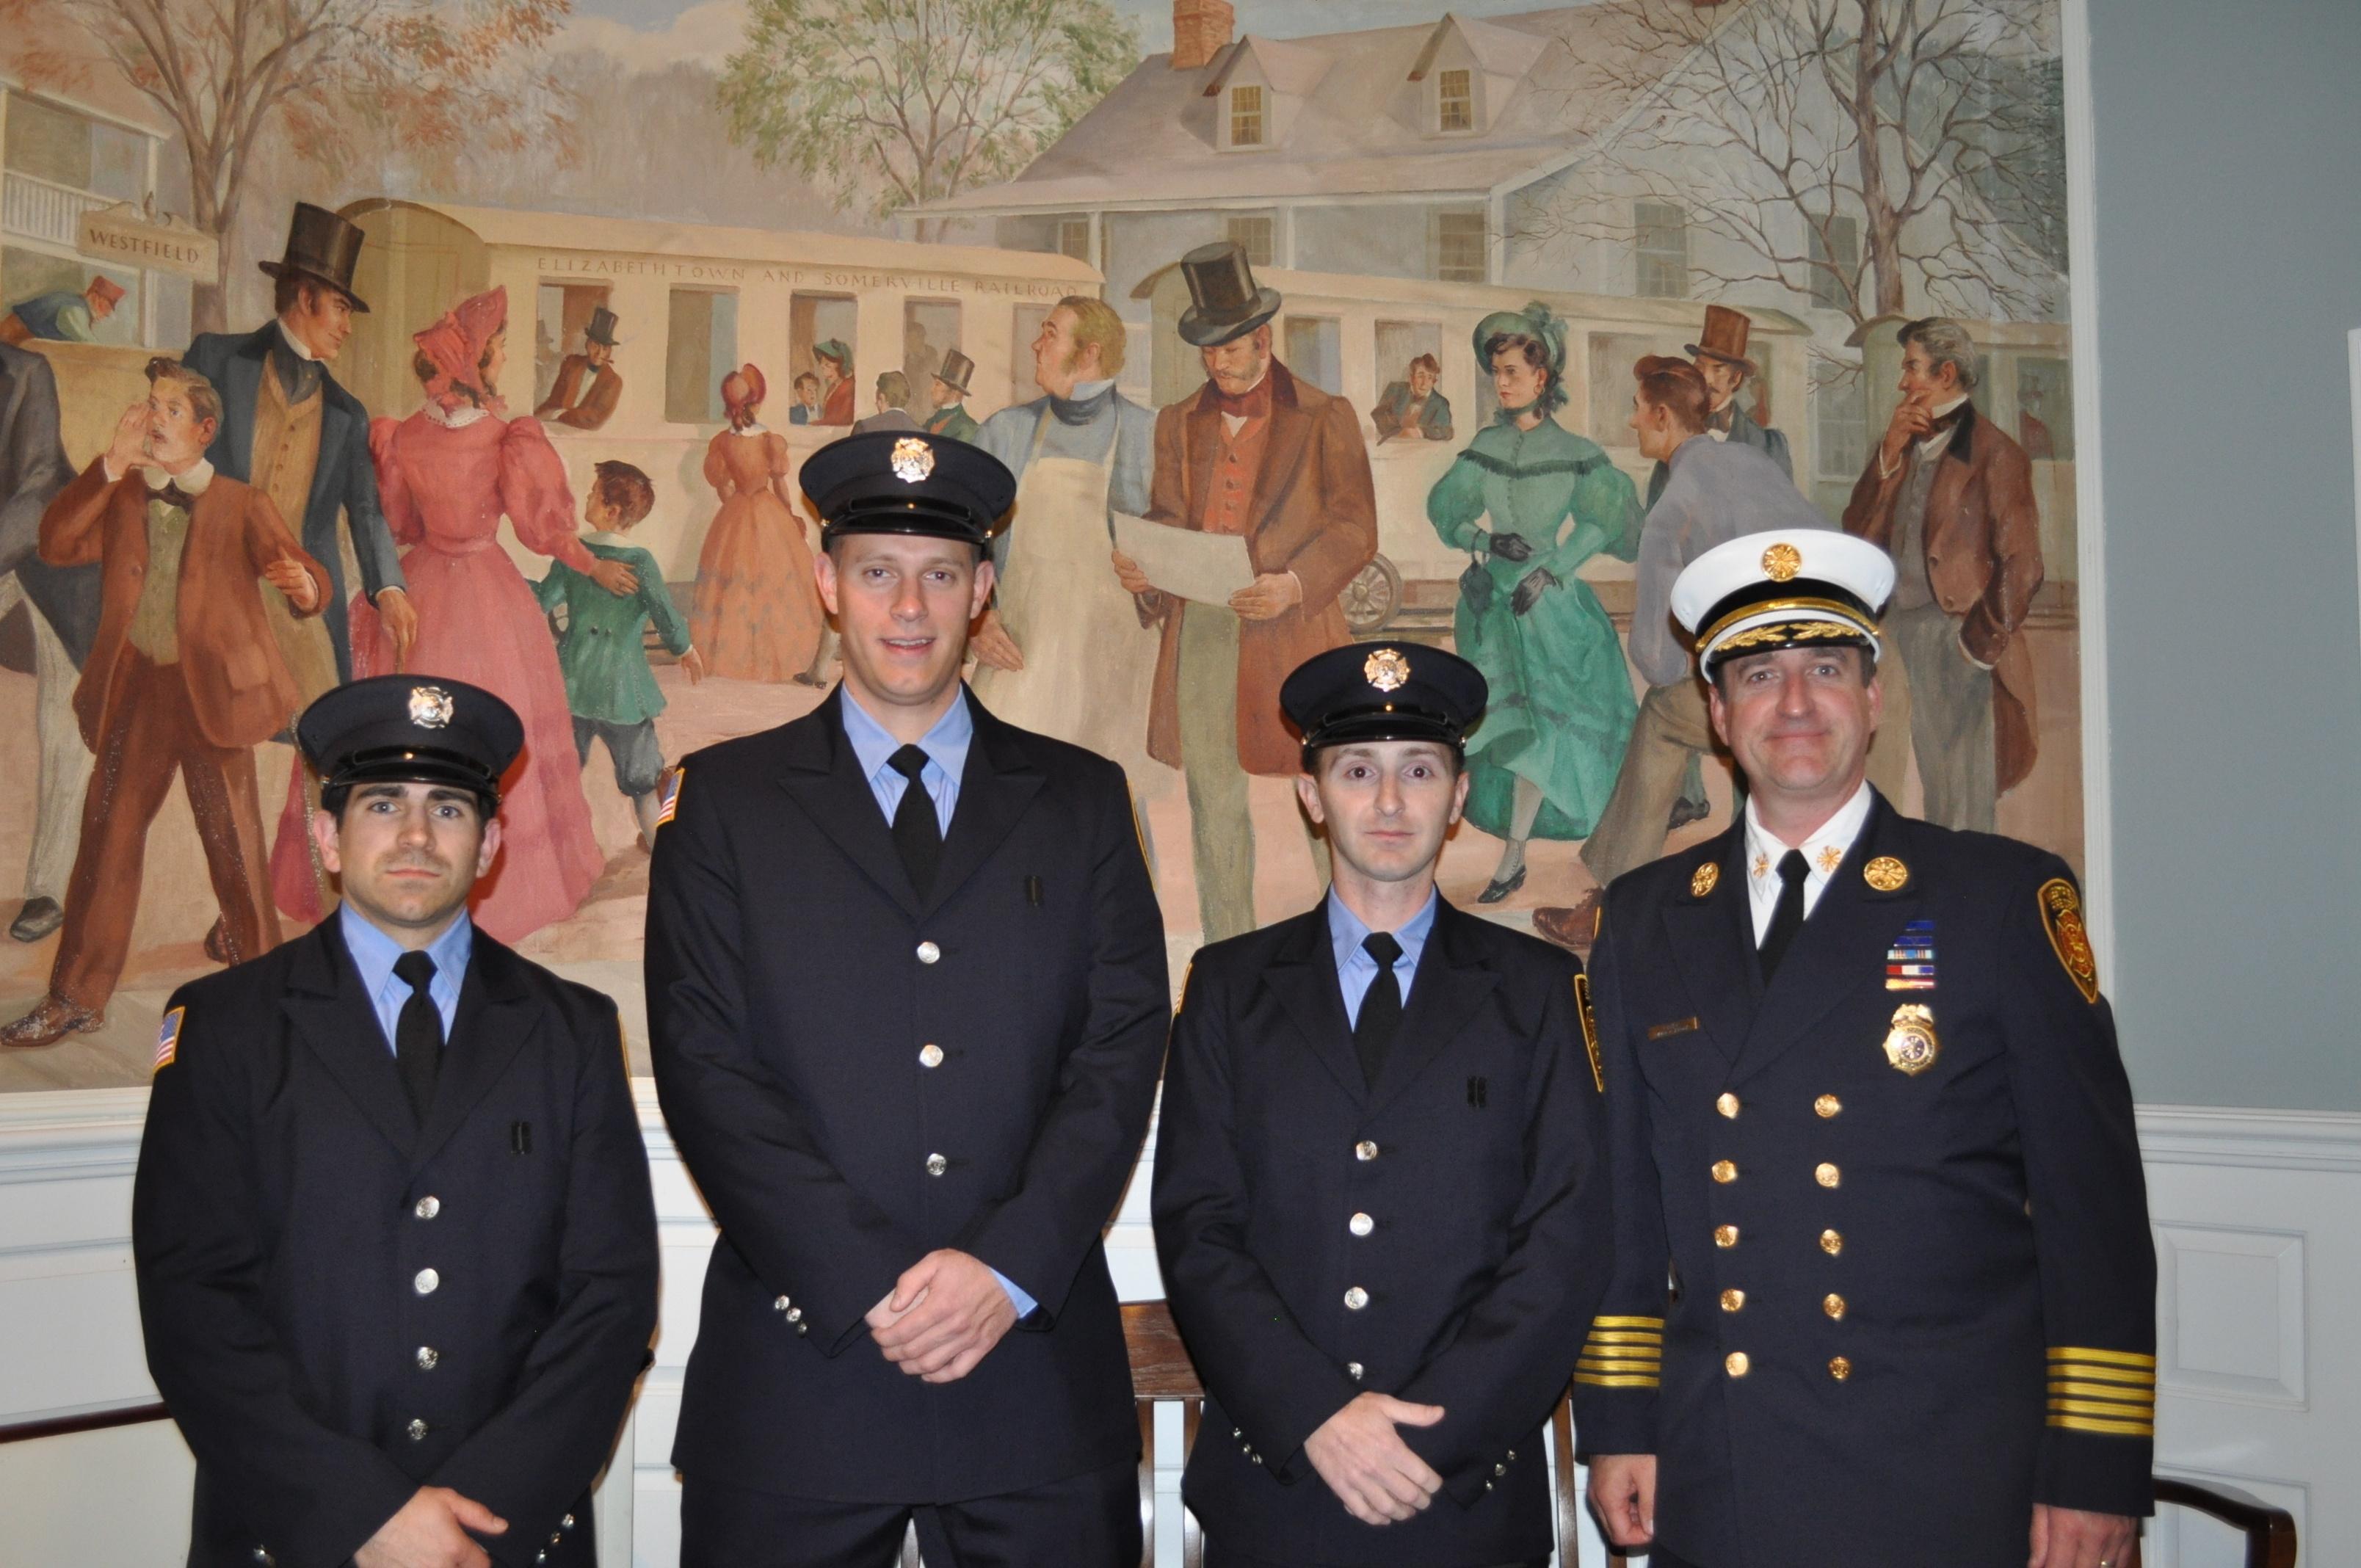 31301a7c7cb73d07b5f6_35911f0b5982682b7e56_firefighters.JPG